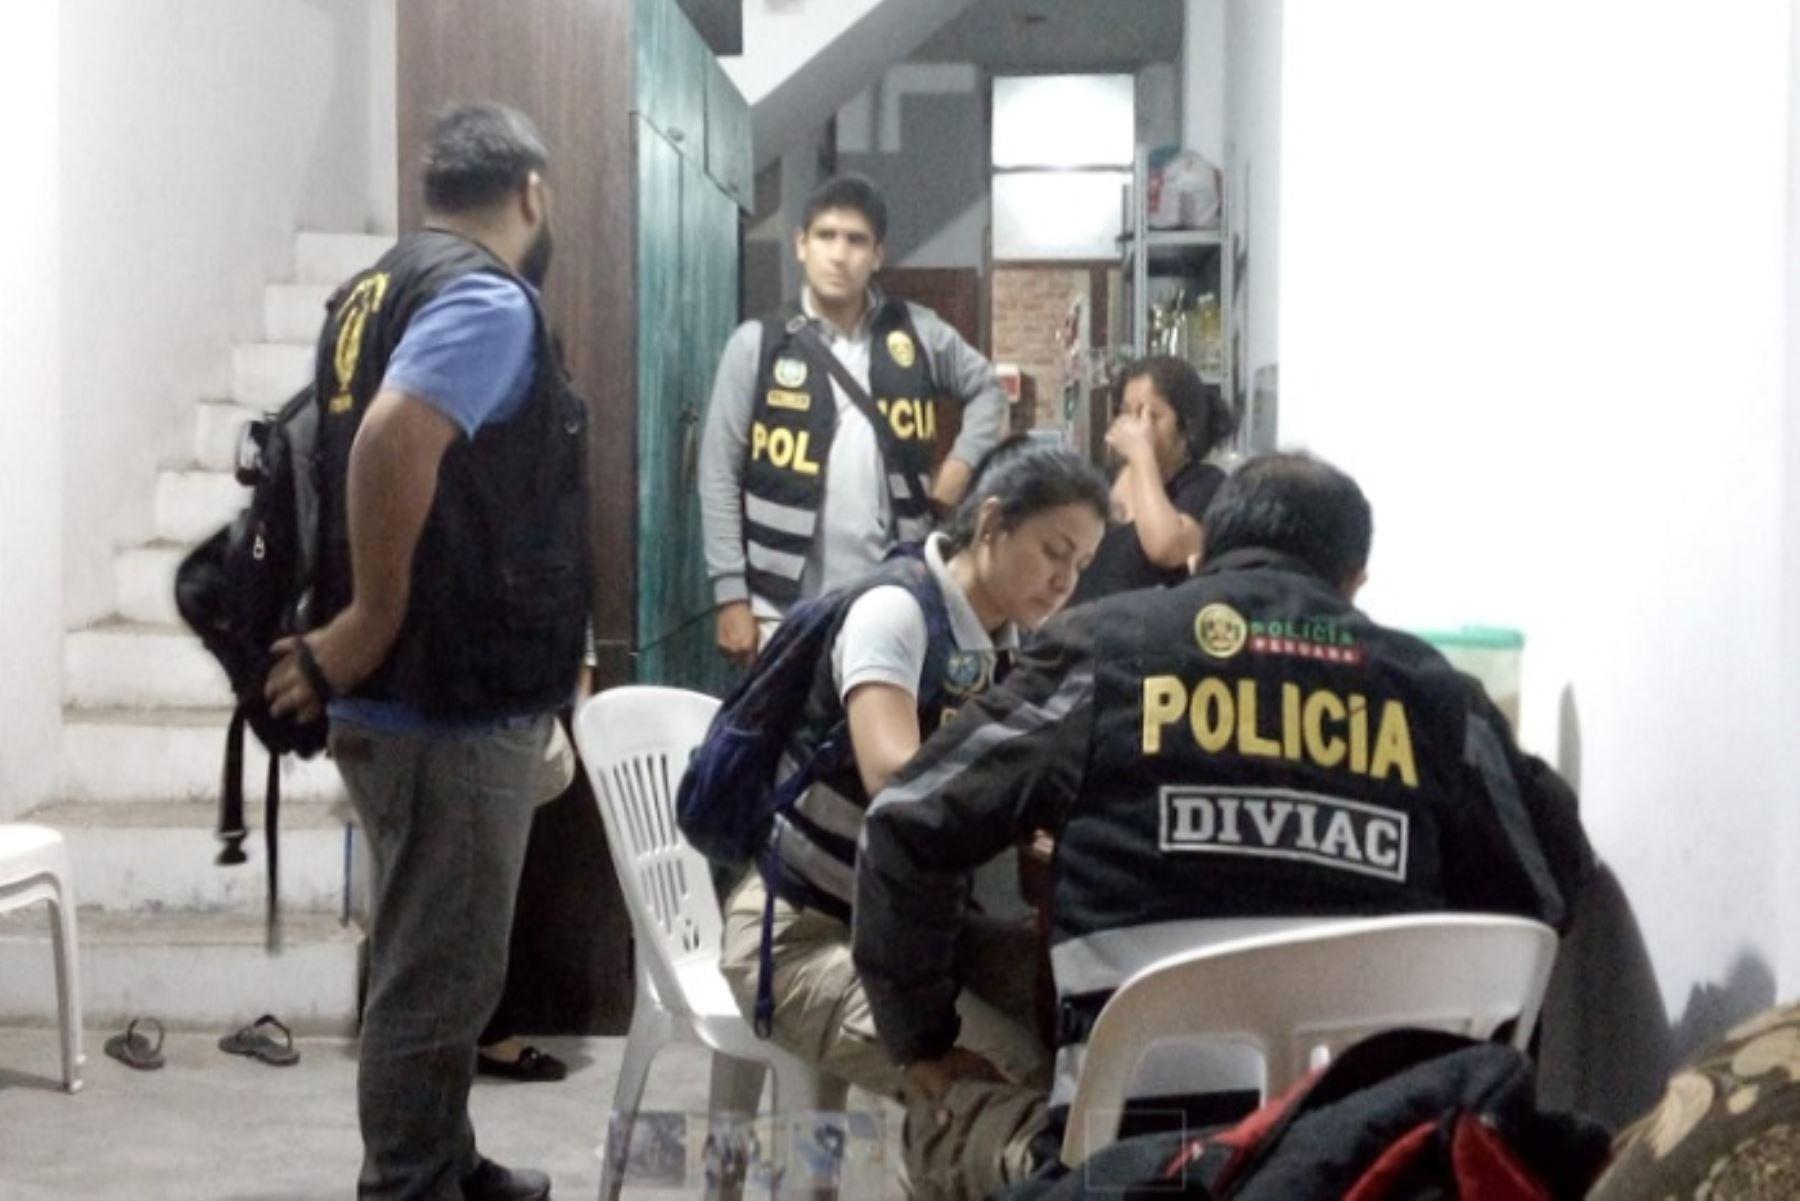 Durante el operativo policial se capturaron a seis personas que presuntamente integrarían la banda delincuencial Los Compadres, a la cual se le sindica el asesinato de hasta seis personas, entre ellos la del suboficial PNP Joel Vásquez Gutierrez, ocurrido el 17 junio de este año.